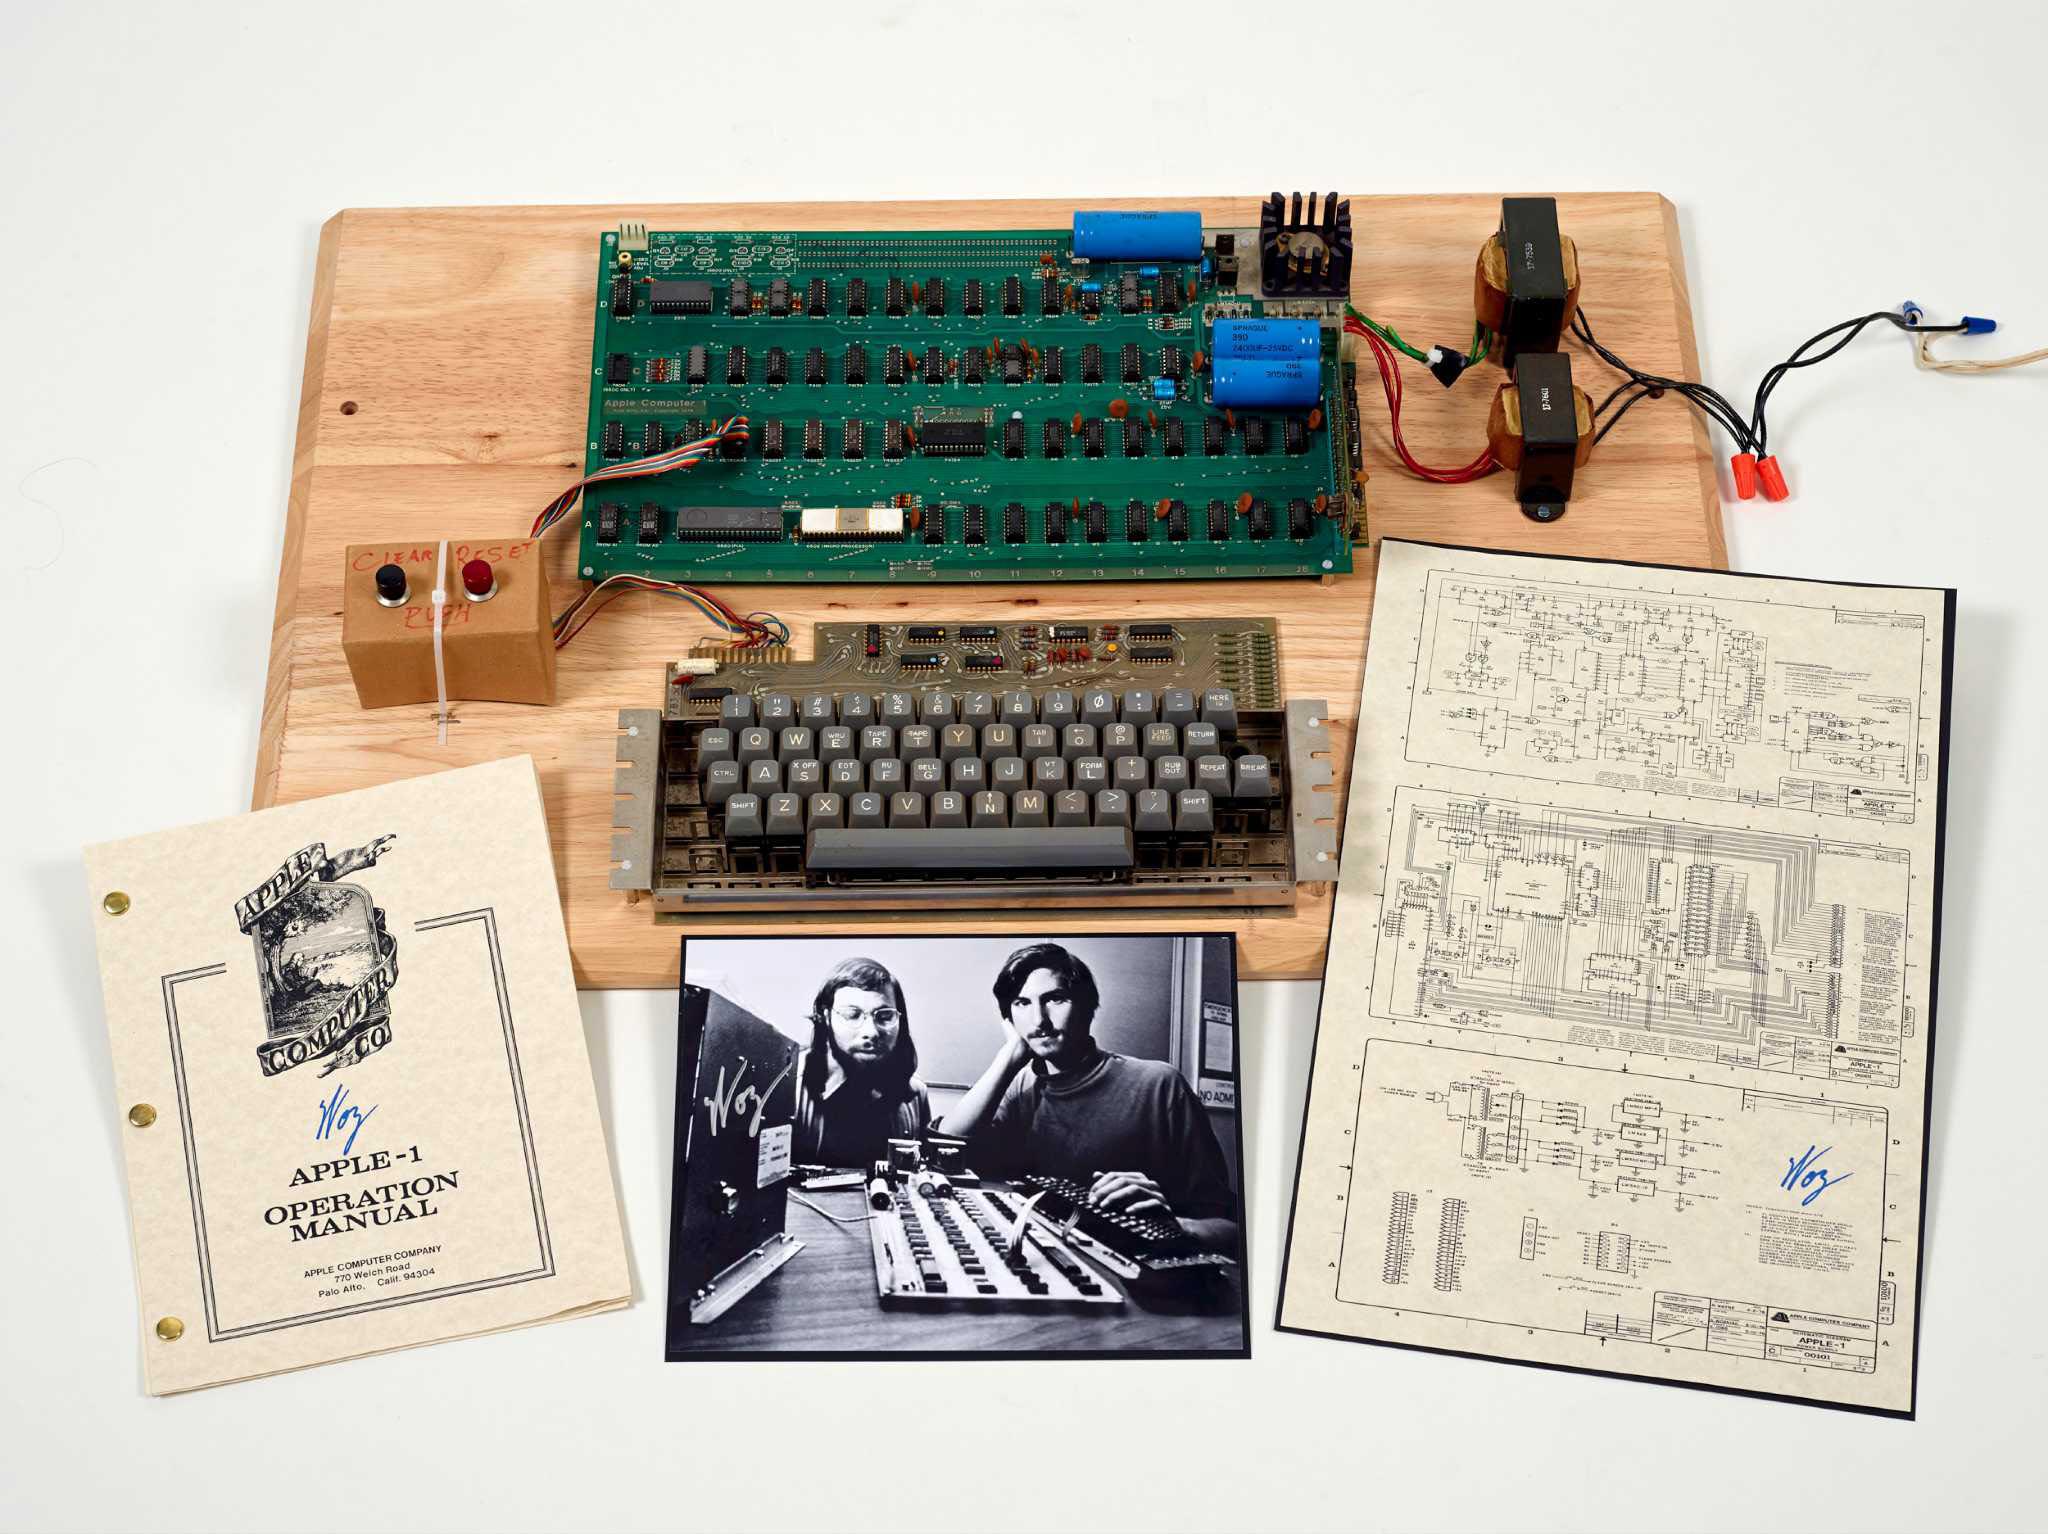 387,750 dollari per il primo computer Apple della storia